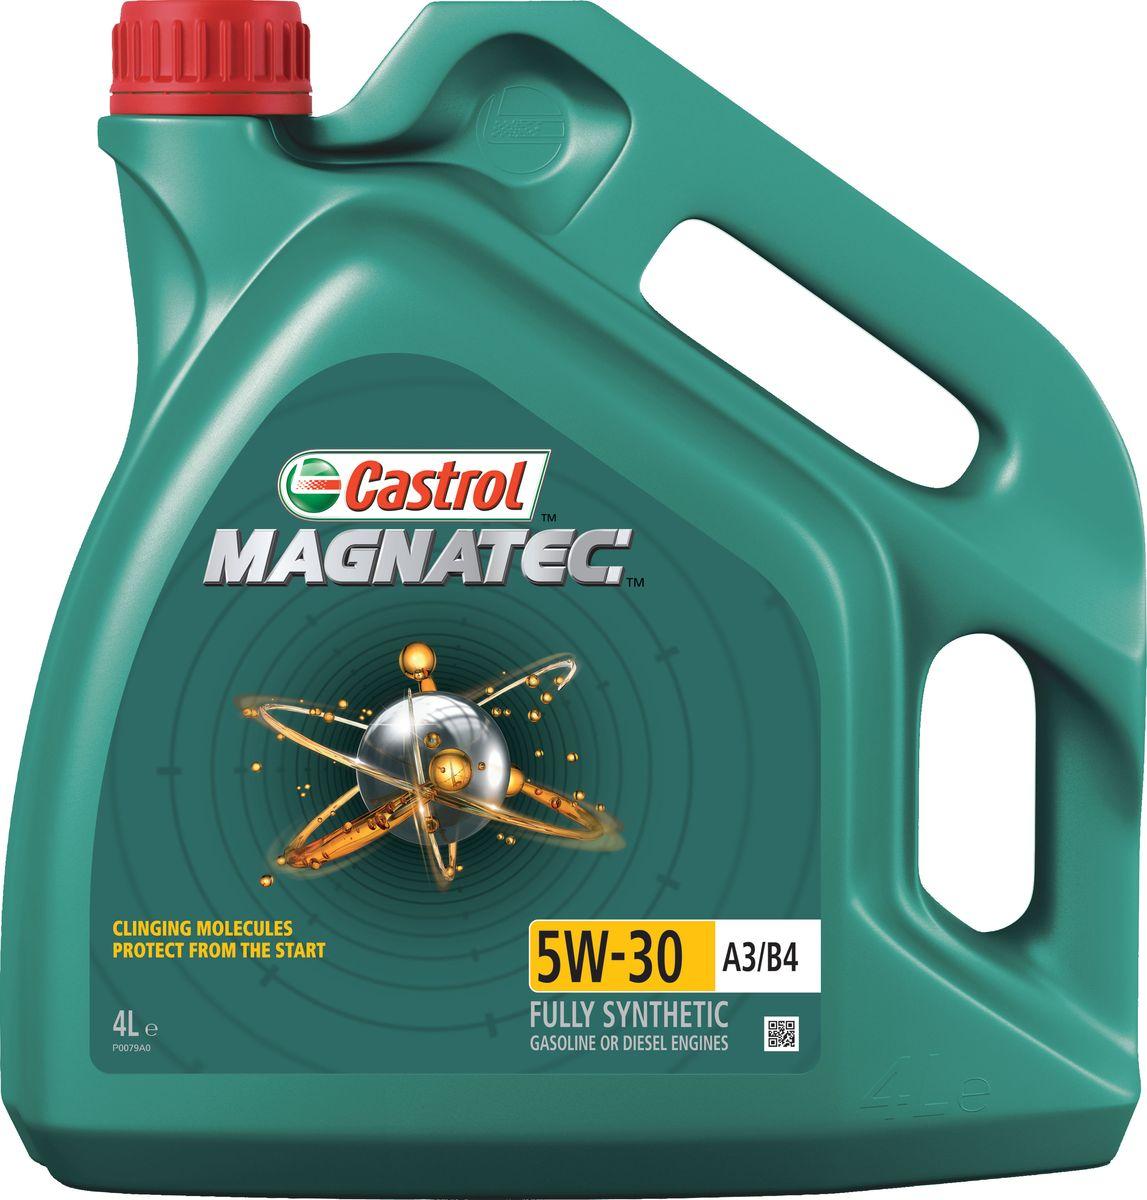 Моторное масло Castrol Magnatec 5W-30 A3/B4, 4 л156ED5Описание До 75% износа двигателя происходит во время его пуска и прогрева. Когда двигатель выключен, обычное масло стекает в поддон картера, оставляя важнейшие детали двигателя незащищенными. Молекулы Castrol Magnatec подобно магниту притягиваются к деталям двигателя и образуют сверхпрочную масляную пленку, обеспечивающую дополнительную защиту двигателя в период пуска, когда риск возникновения износа существенно возрастает. Применение Моторное масло Castrol Magnatec 5W-30 A3/B4 подходит для применения в бензиновых двигателях, в которых производитель рекомендует использовать смазочные материалы, соответствующие классу вязкости SAE 5W-30 и спецификациям API SL/CF, ACEA A3/B3 или A3/B4. Castrol Magnatec 5W-30 A3/B4 одобрено к использованию большинством автопроизводителей (см. раздел «Спецификации» в руководстве по эксплуатации автомобиля). Преимущества Молекулы Castrol Magnatec Intelligent Molecules: - в сочетании с синтетической технологией обеспечивают повышенную защиту при высоко- и...